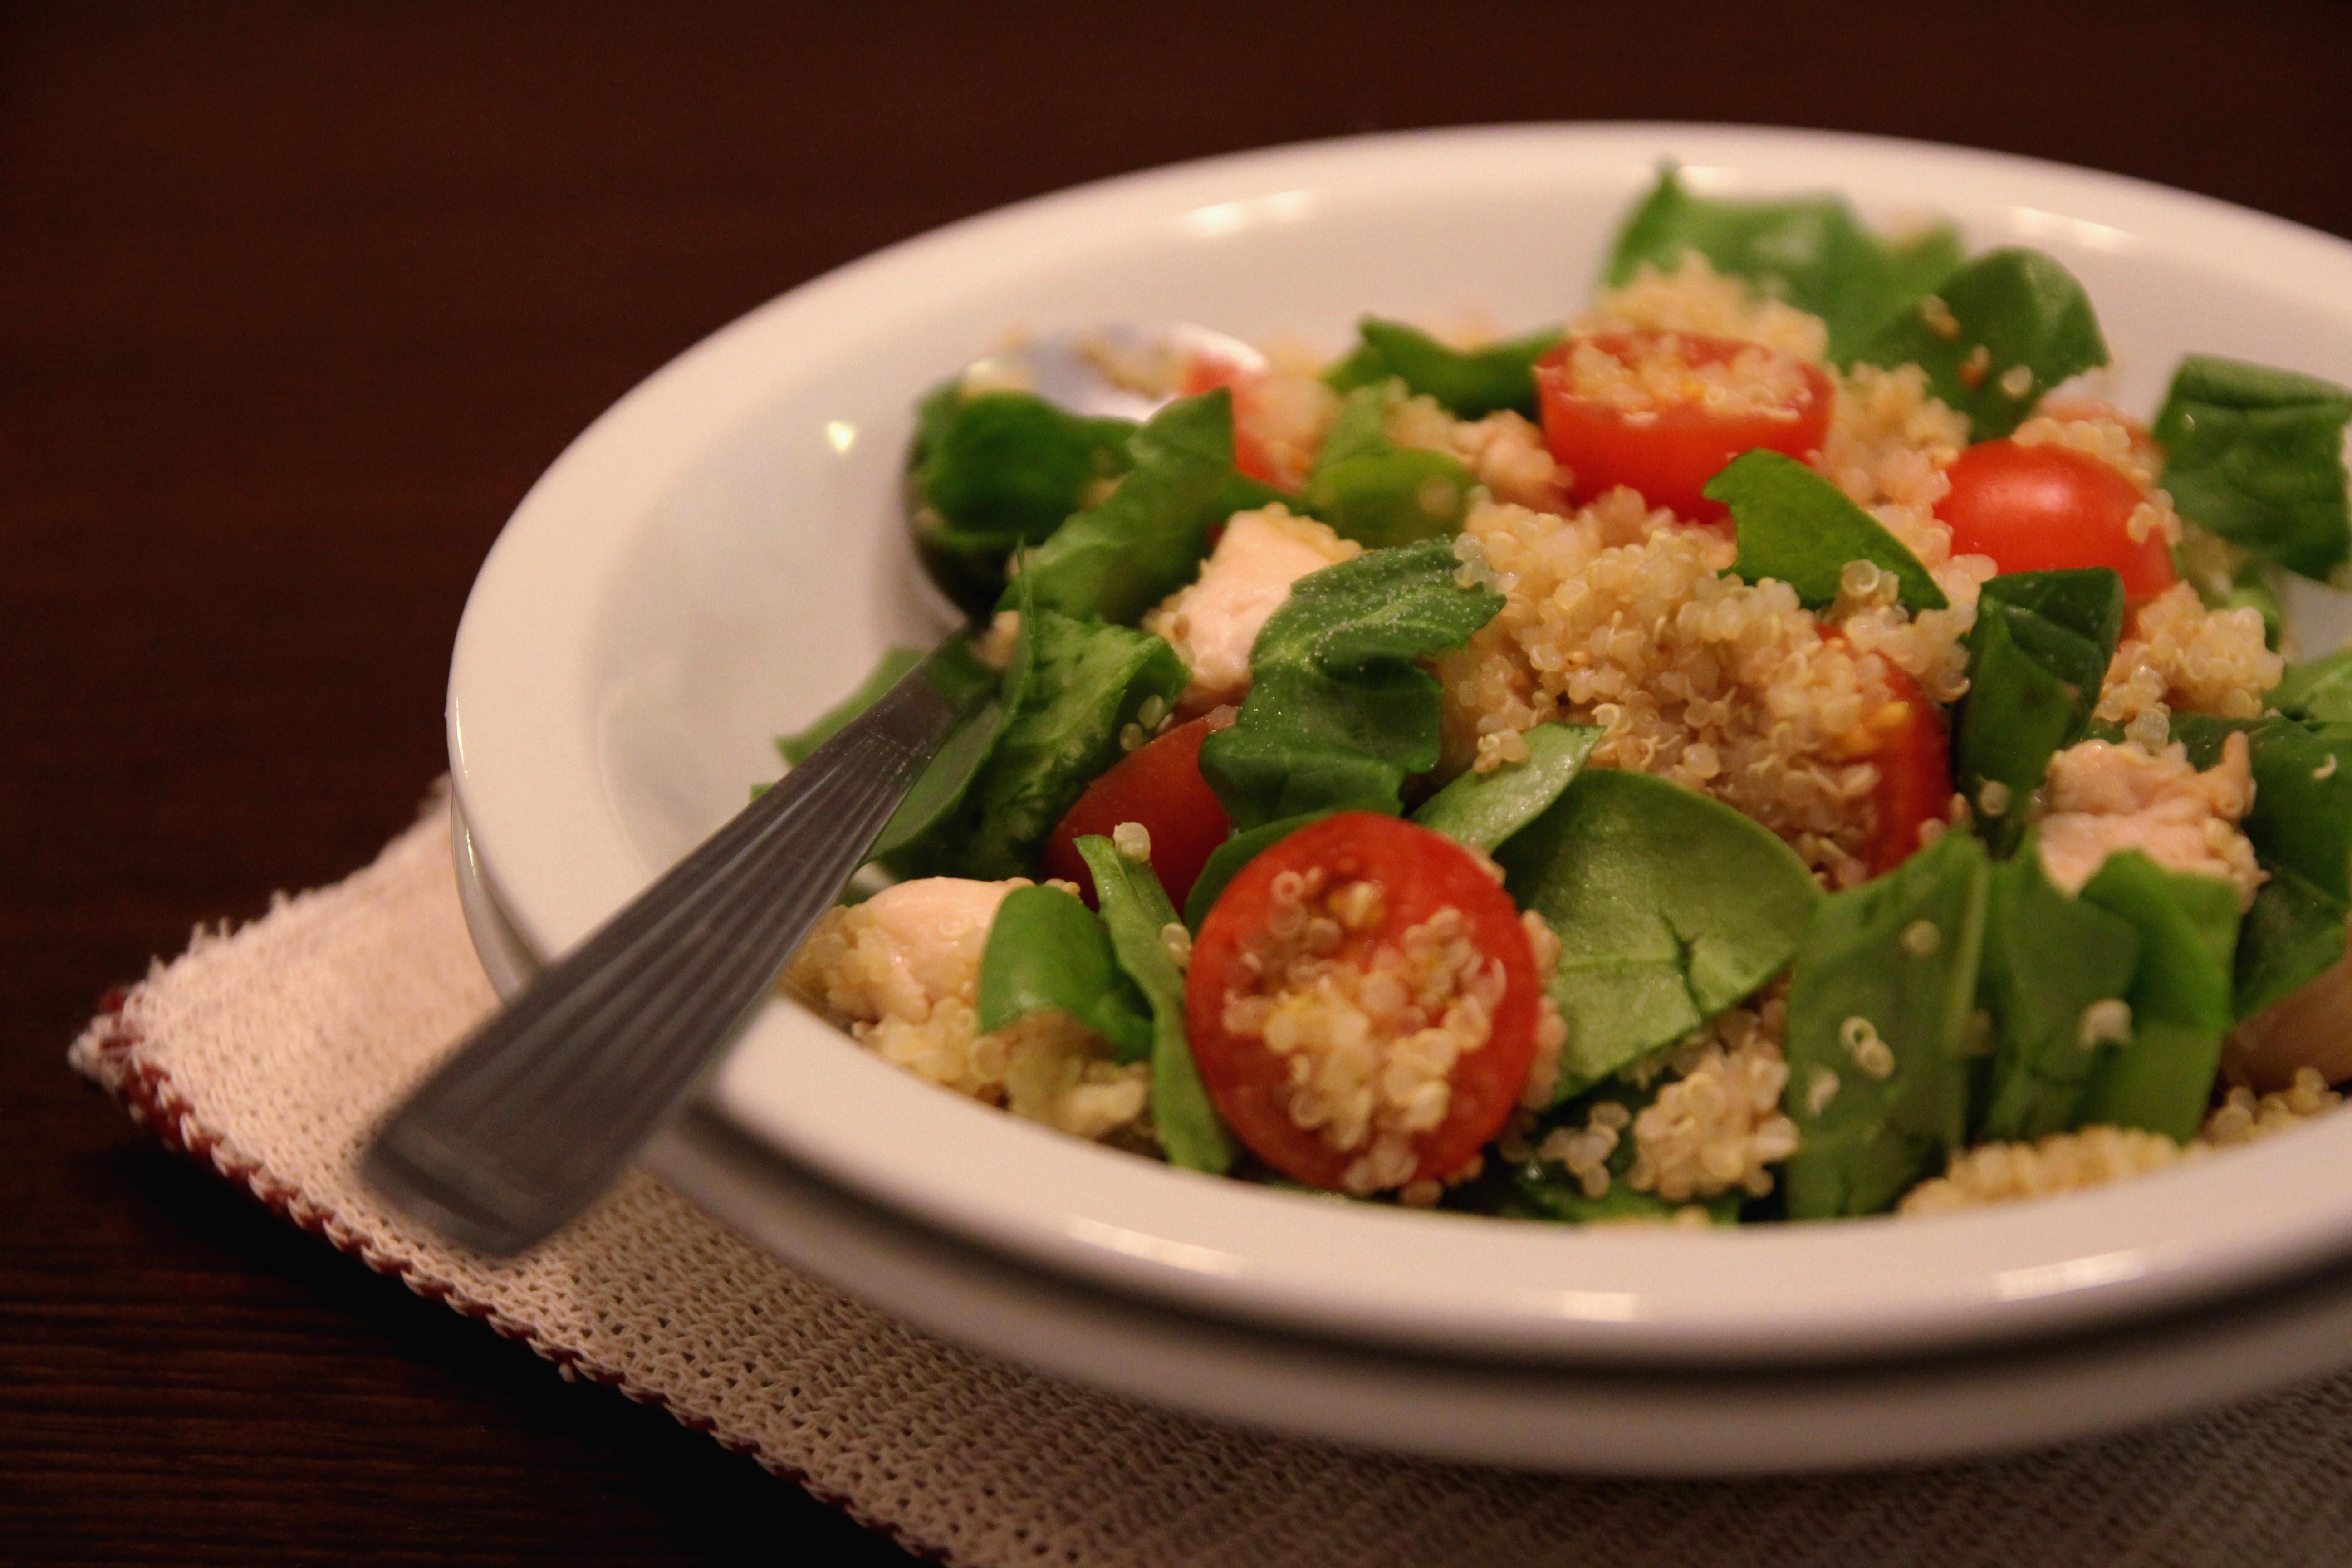 Chicken Quinoa Salad with Tomato & Spinach5